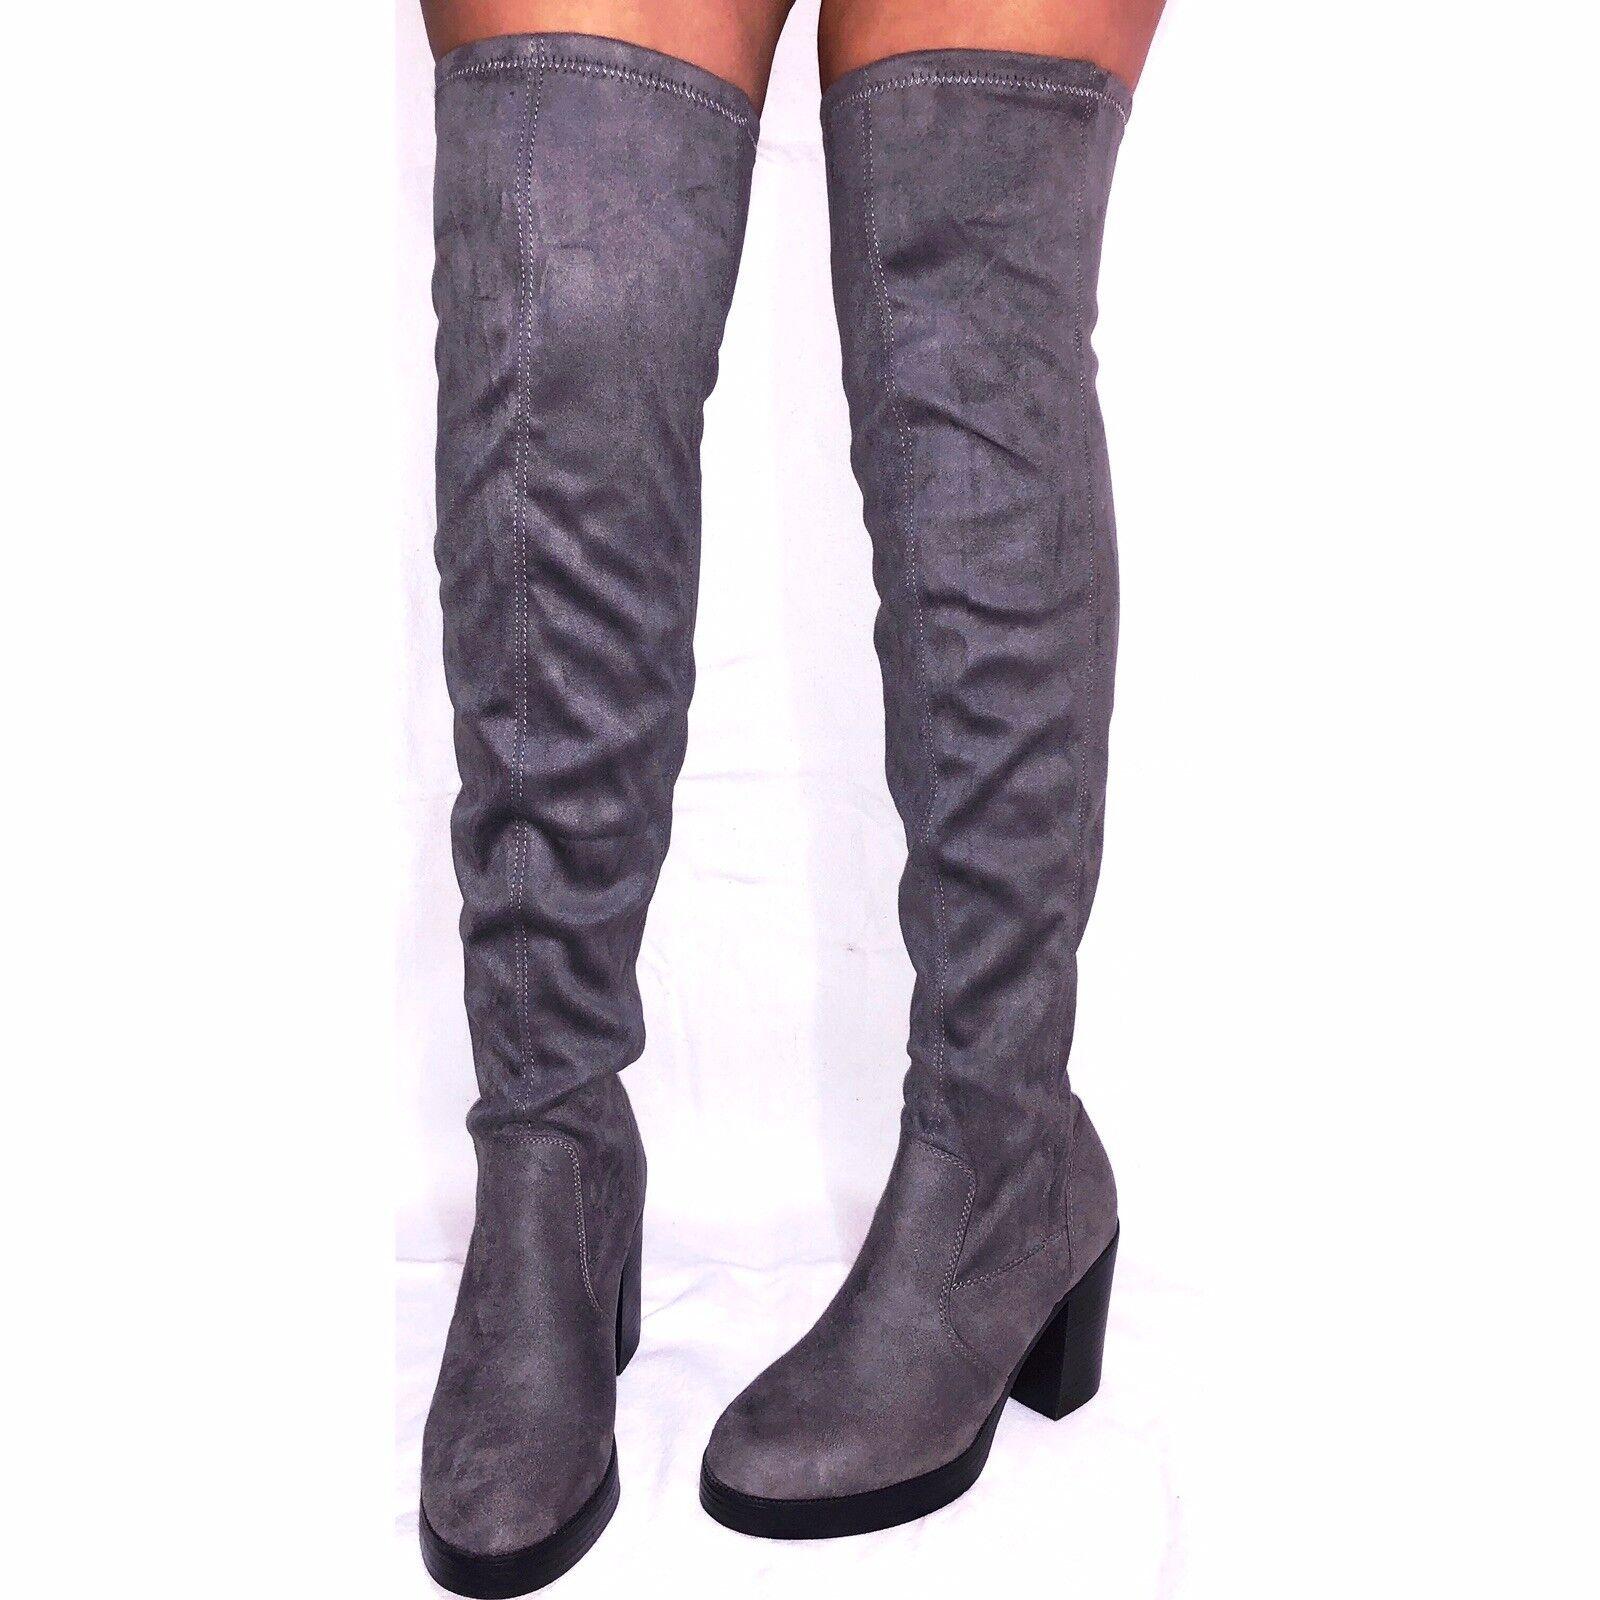 NEW LOOK Ladies Womens Grey Suede Kneehigh Platform Winter Heels Boots - Size 4